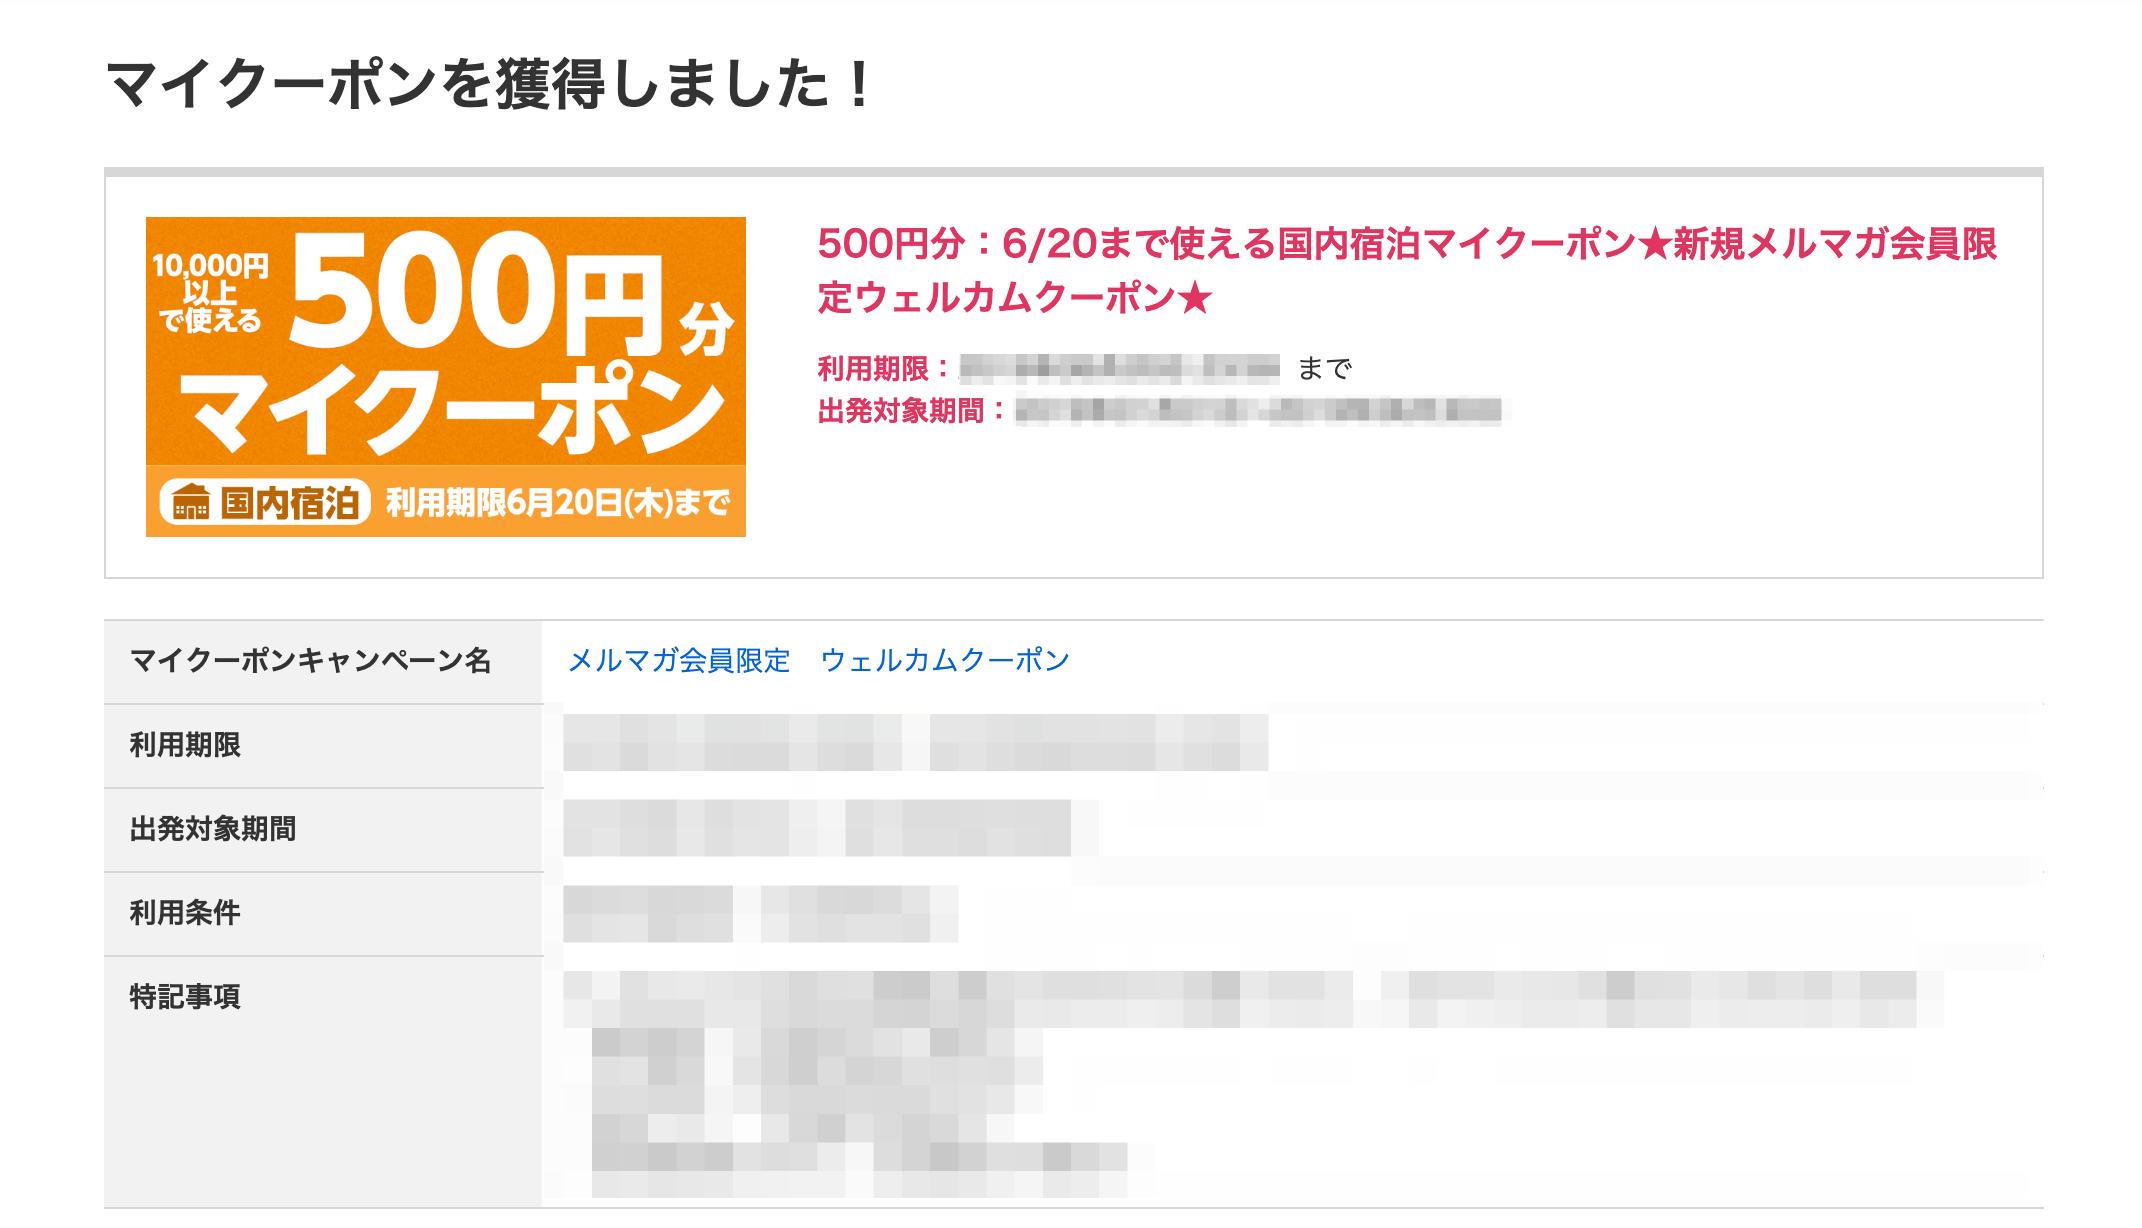 日本旅行のクーポンを獲得